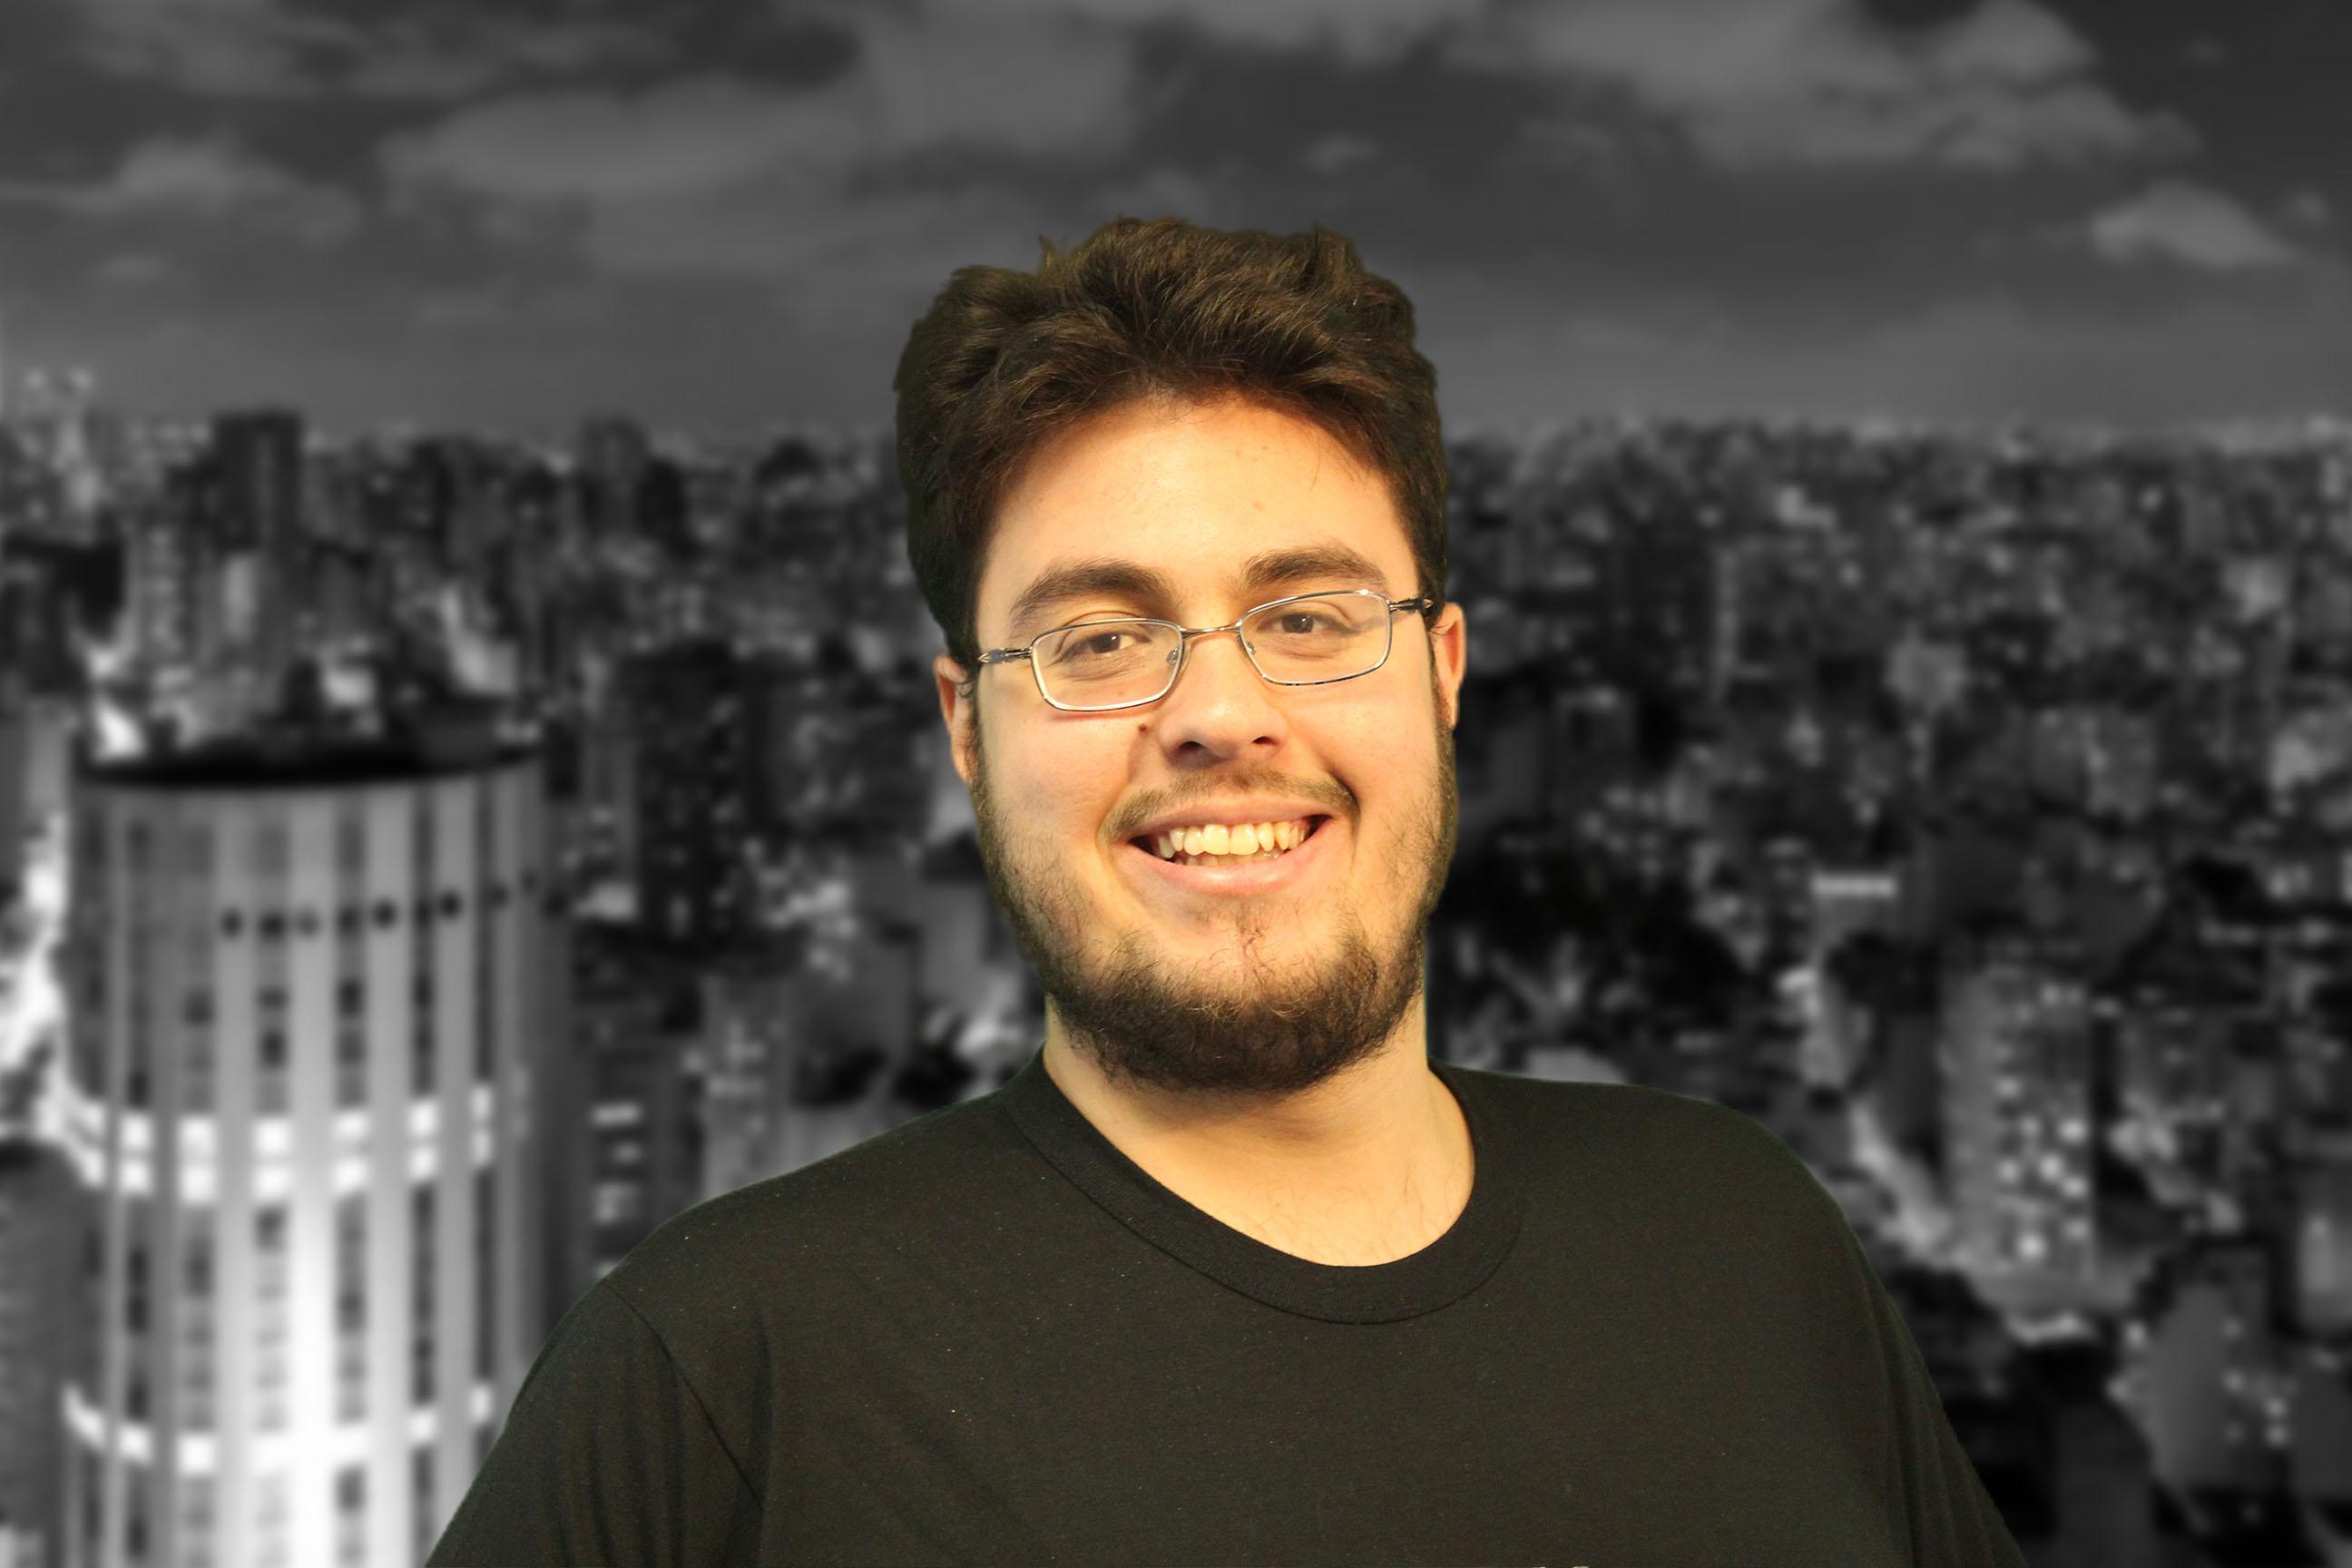 Fernando Cisneros